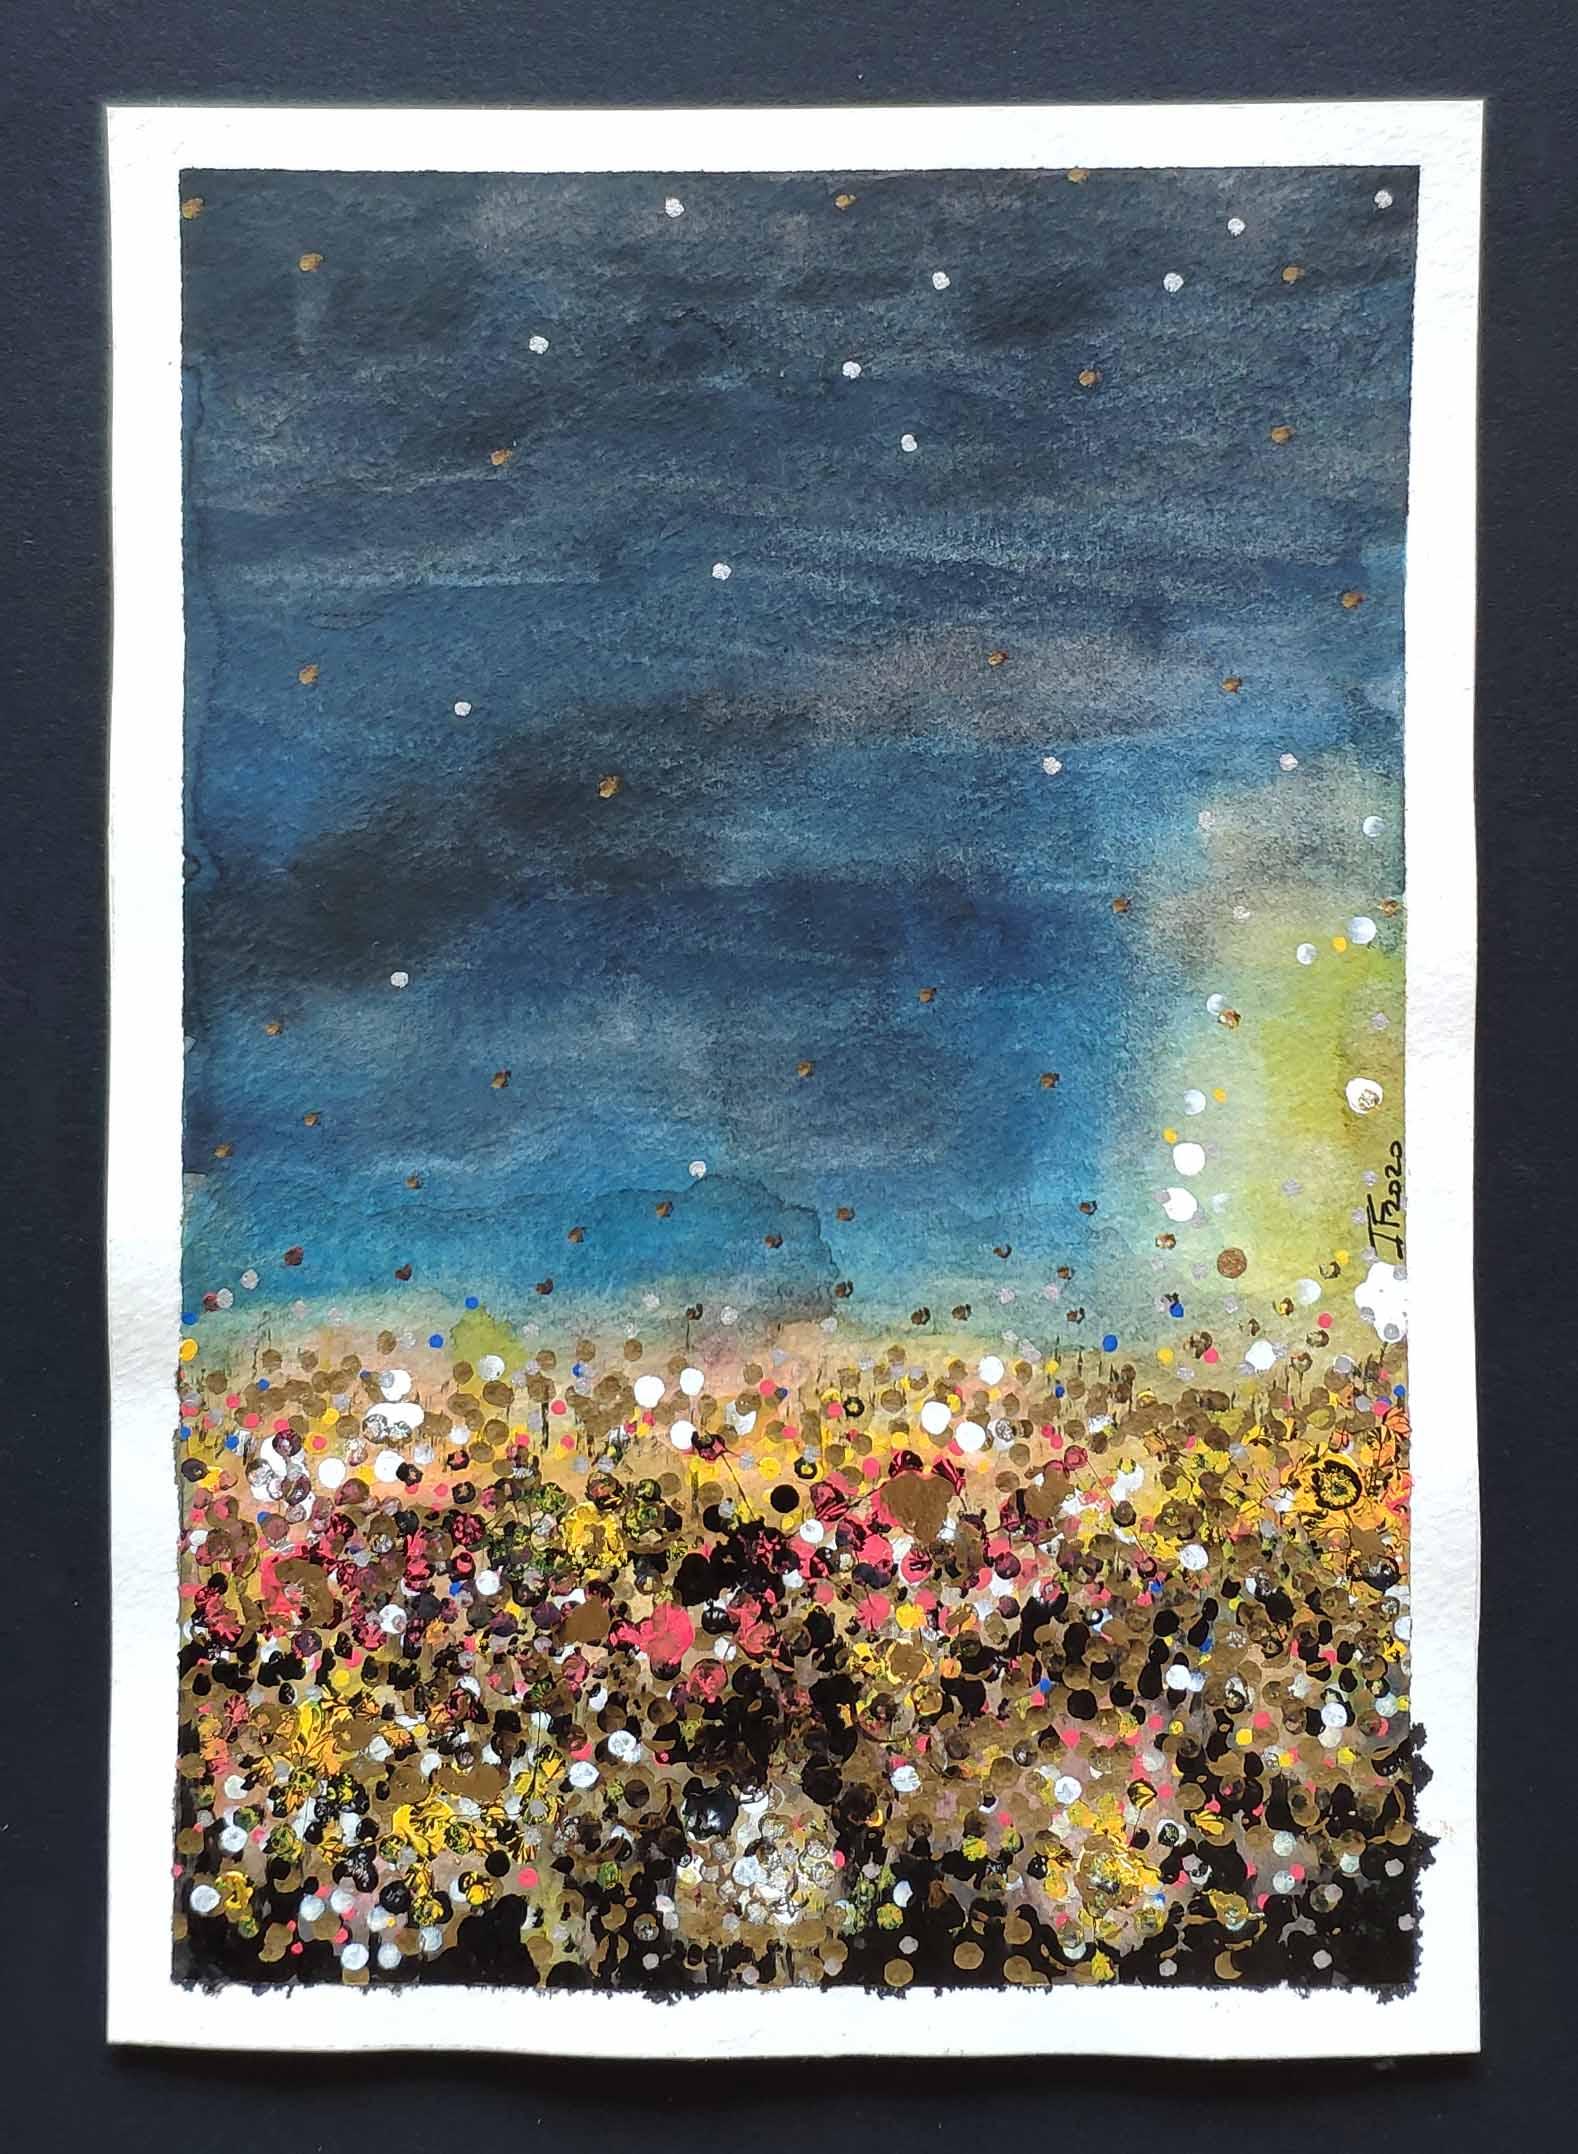 Lumières de nuit Toulouse #2 aquarelle et acrylique sur papier